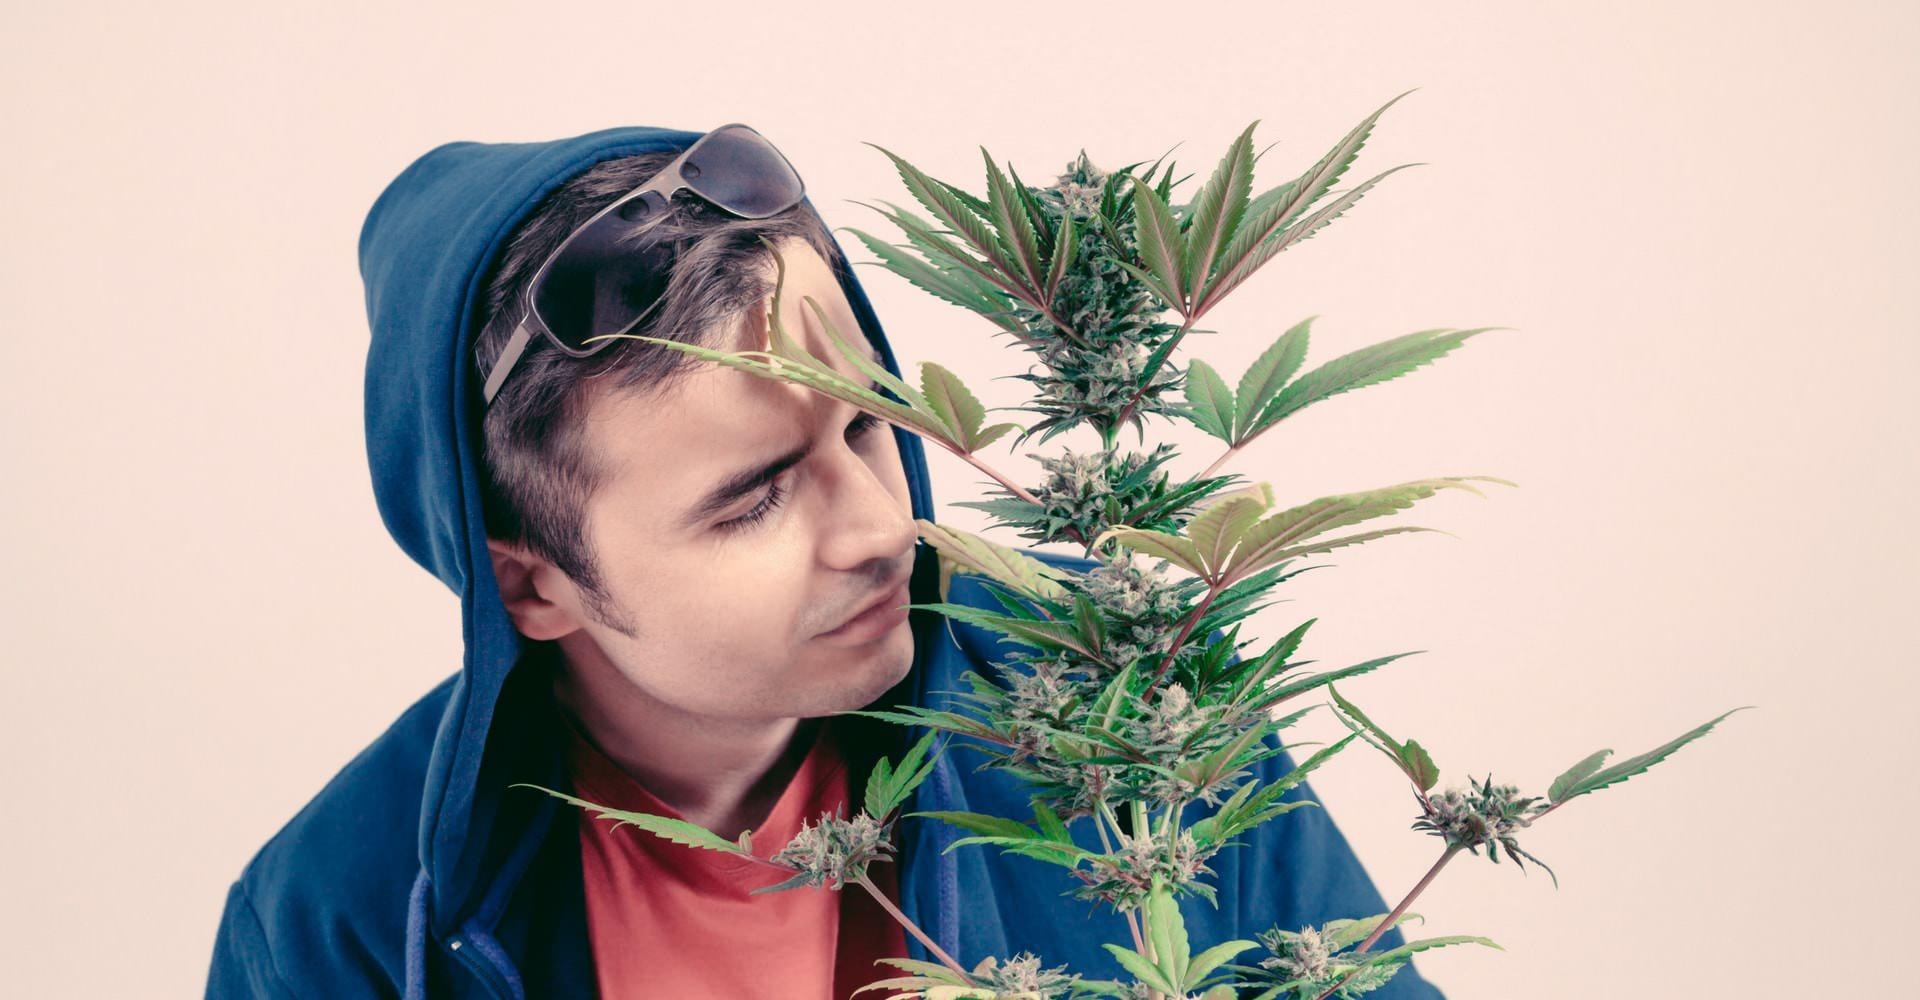 Las 7 razones por las que debes cultivar tu propia marihuana